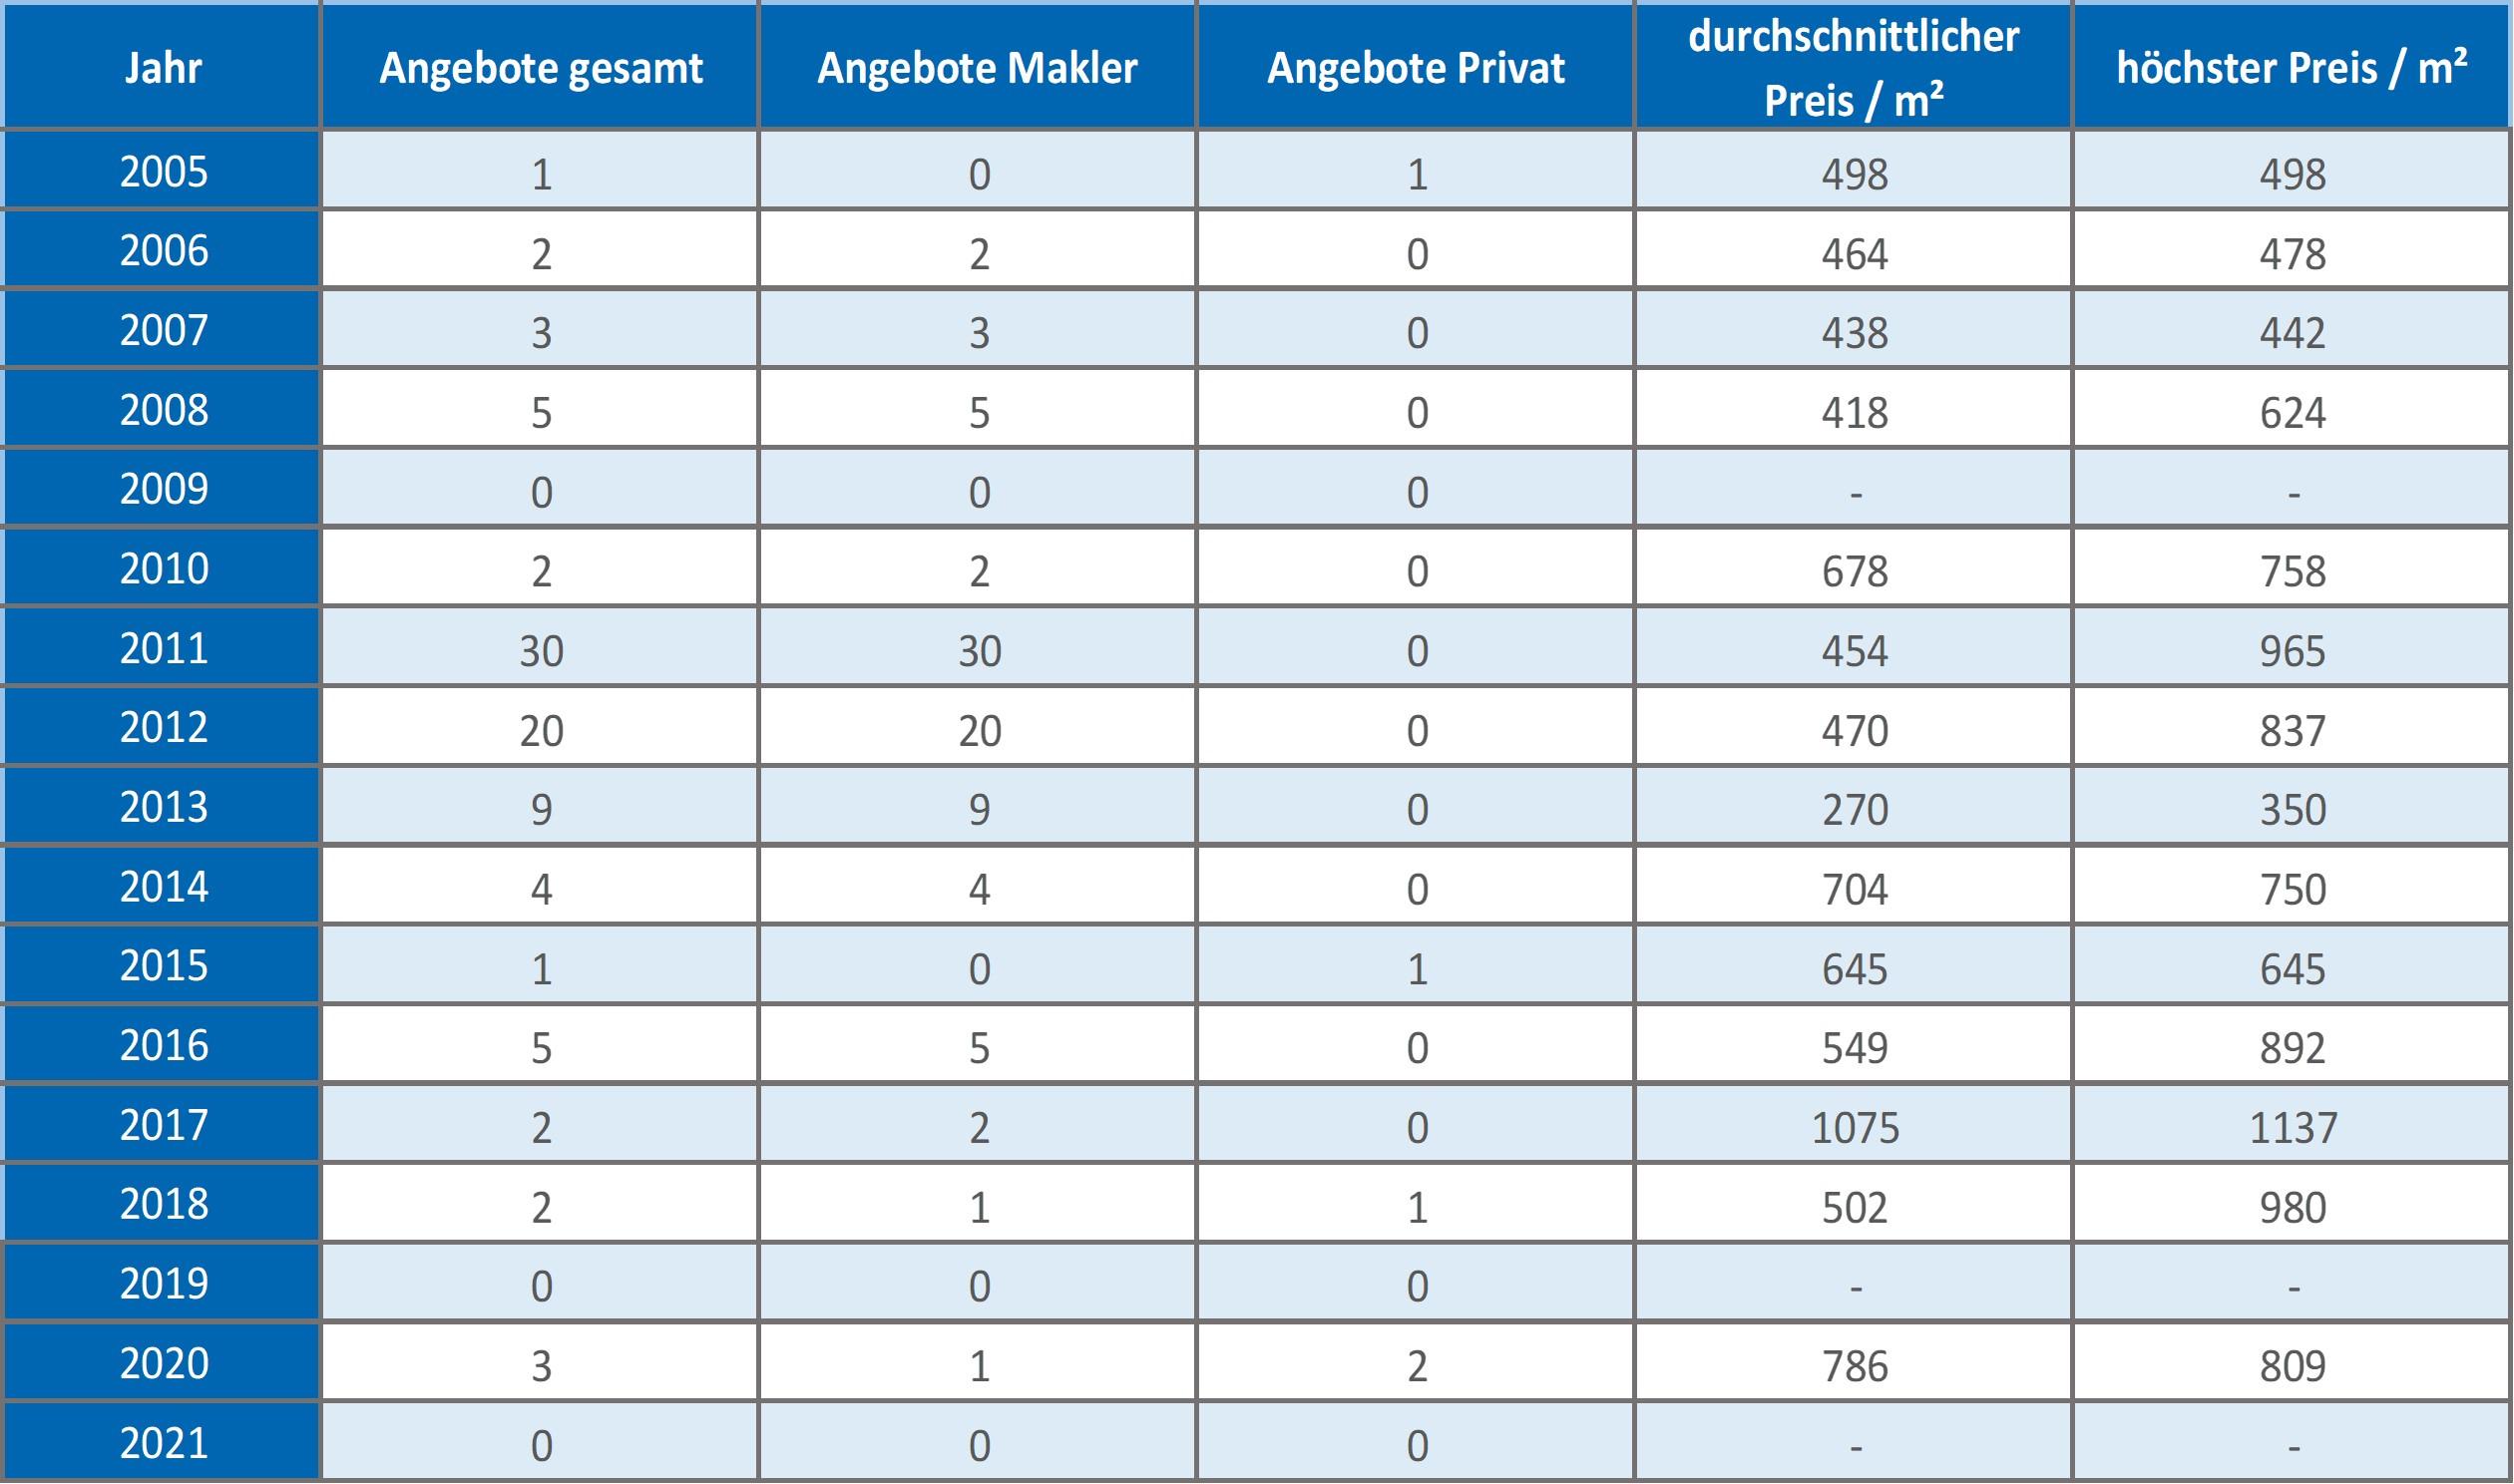 Anzing-Grundstück-kaufen-verkaufen-Makler 2019, 2020, 2021